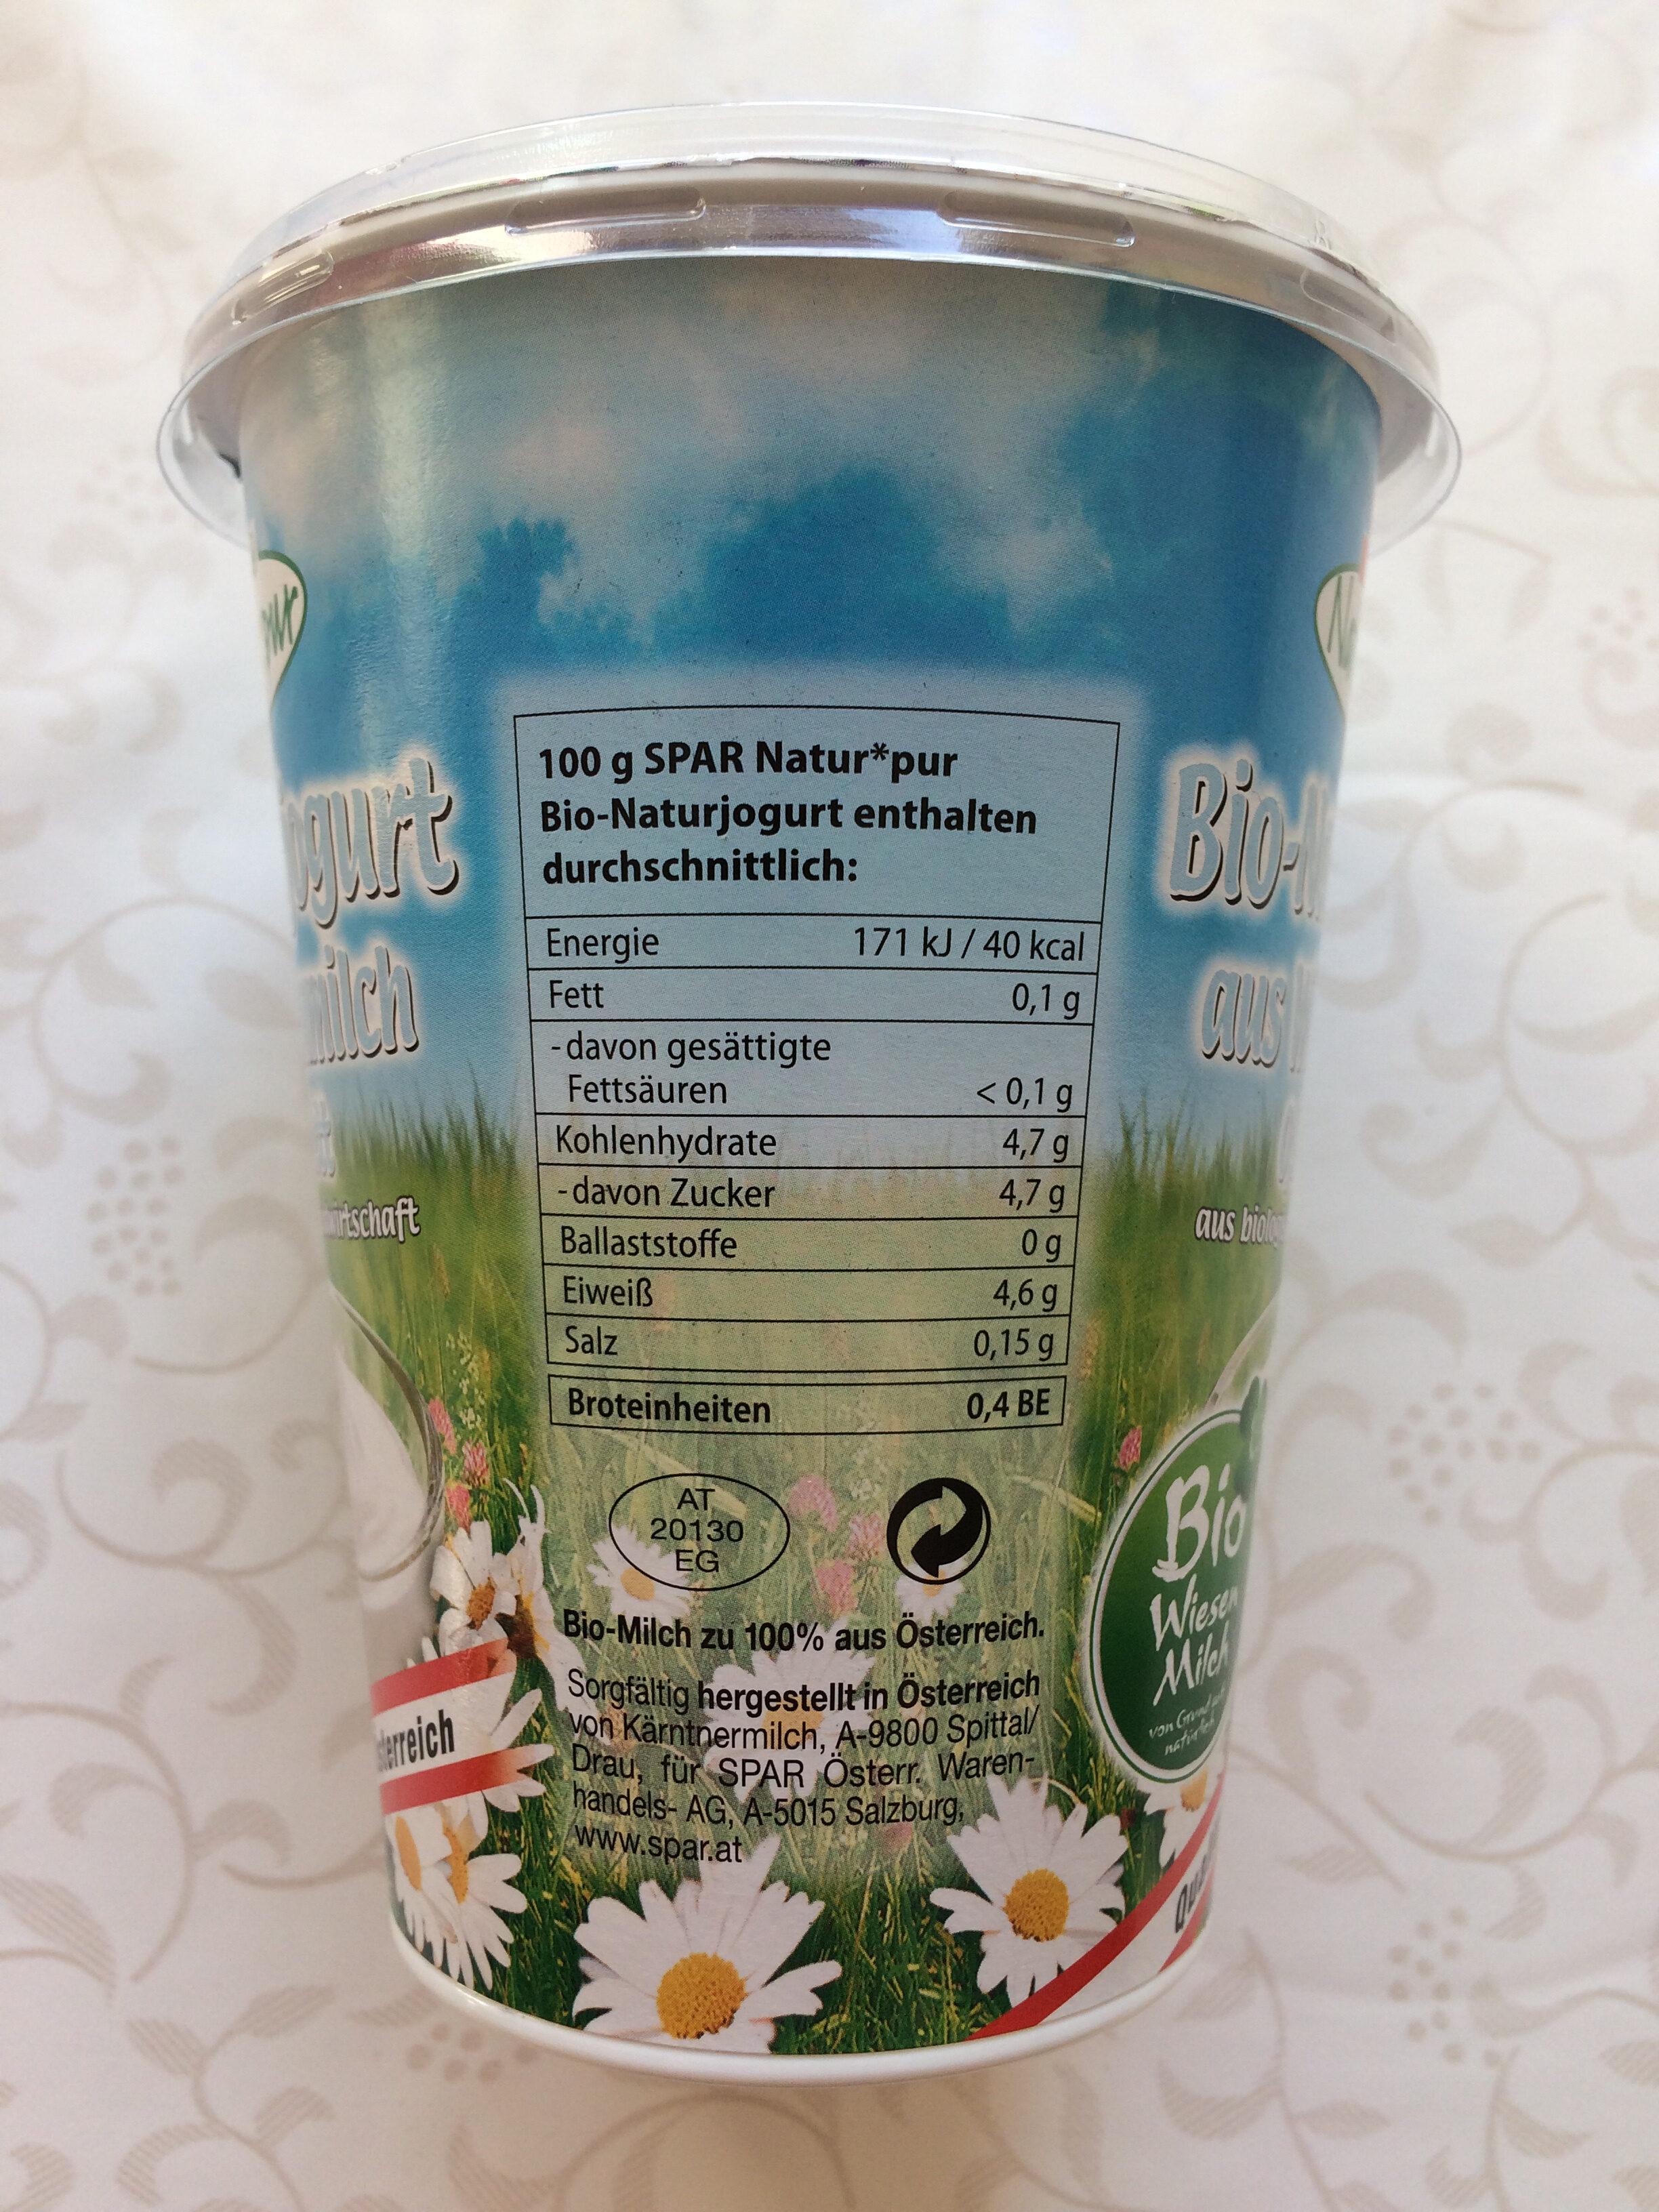 Bio-Naturjogurt aus Wiesenmilch - Nutrition facts - de